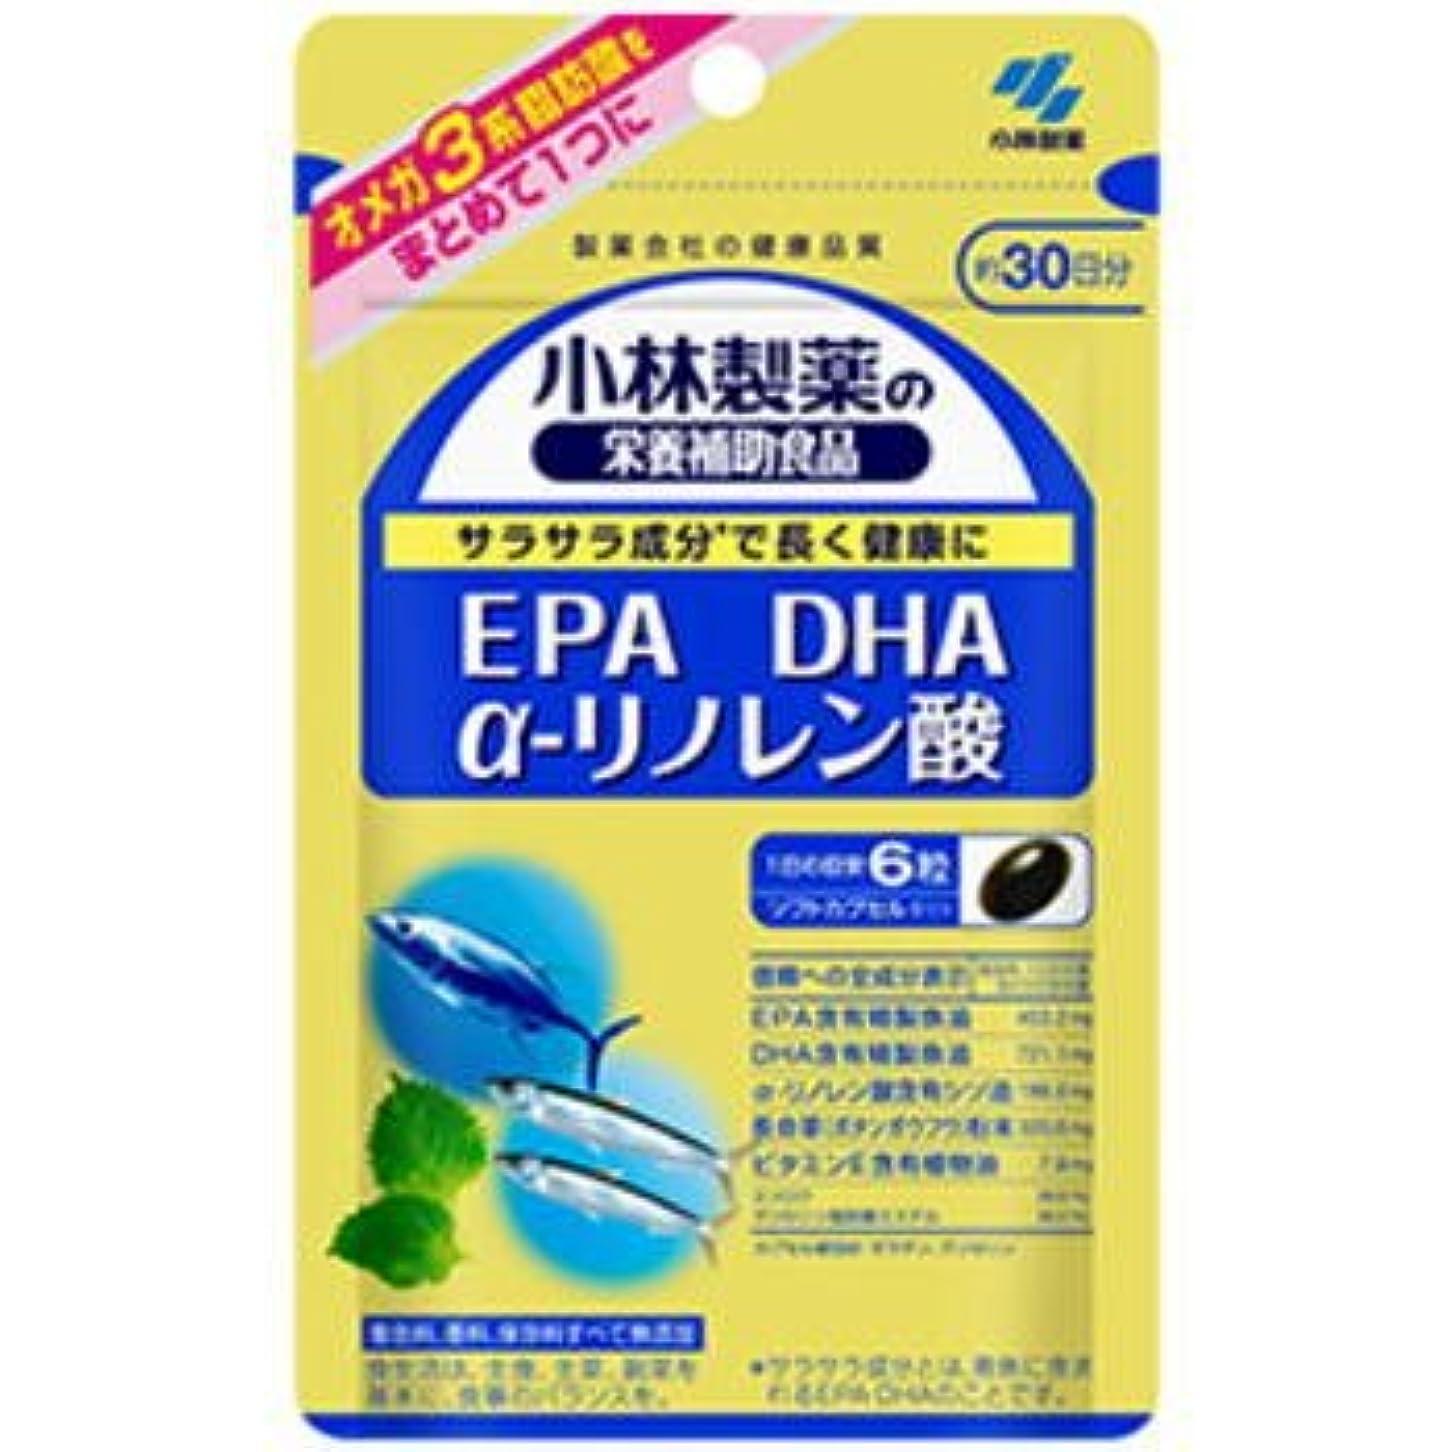 お気に入りリアル賛美歌小林製薬 EPA DHA α-リノレン酸 180粒×6個セット【ネコポス発送】